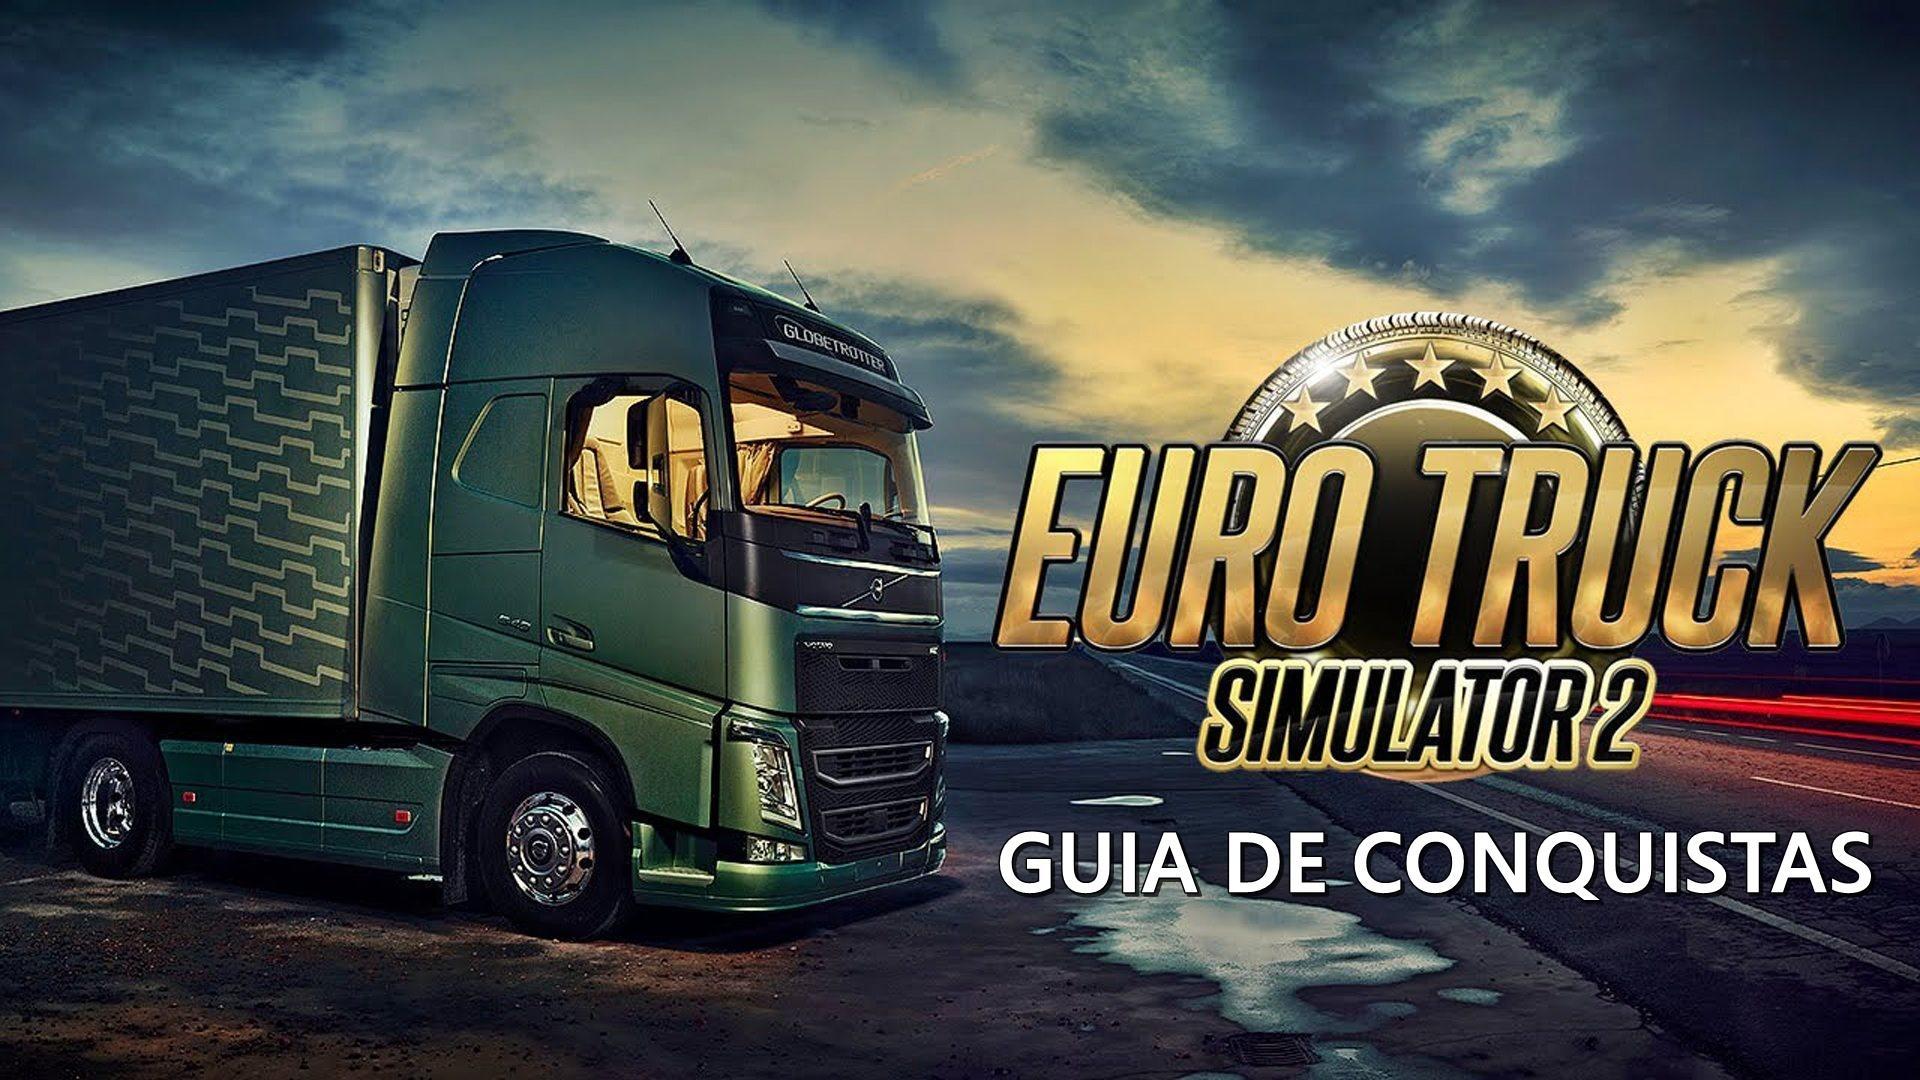 Guia de Conquistas para Euro Truck Simulator 2